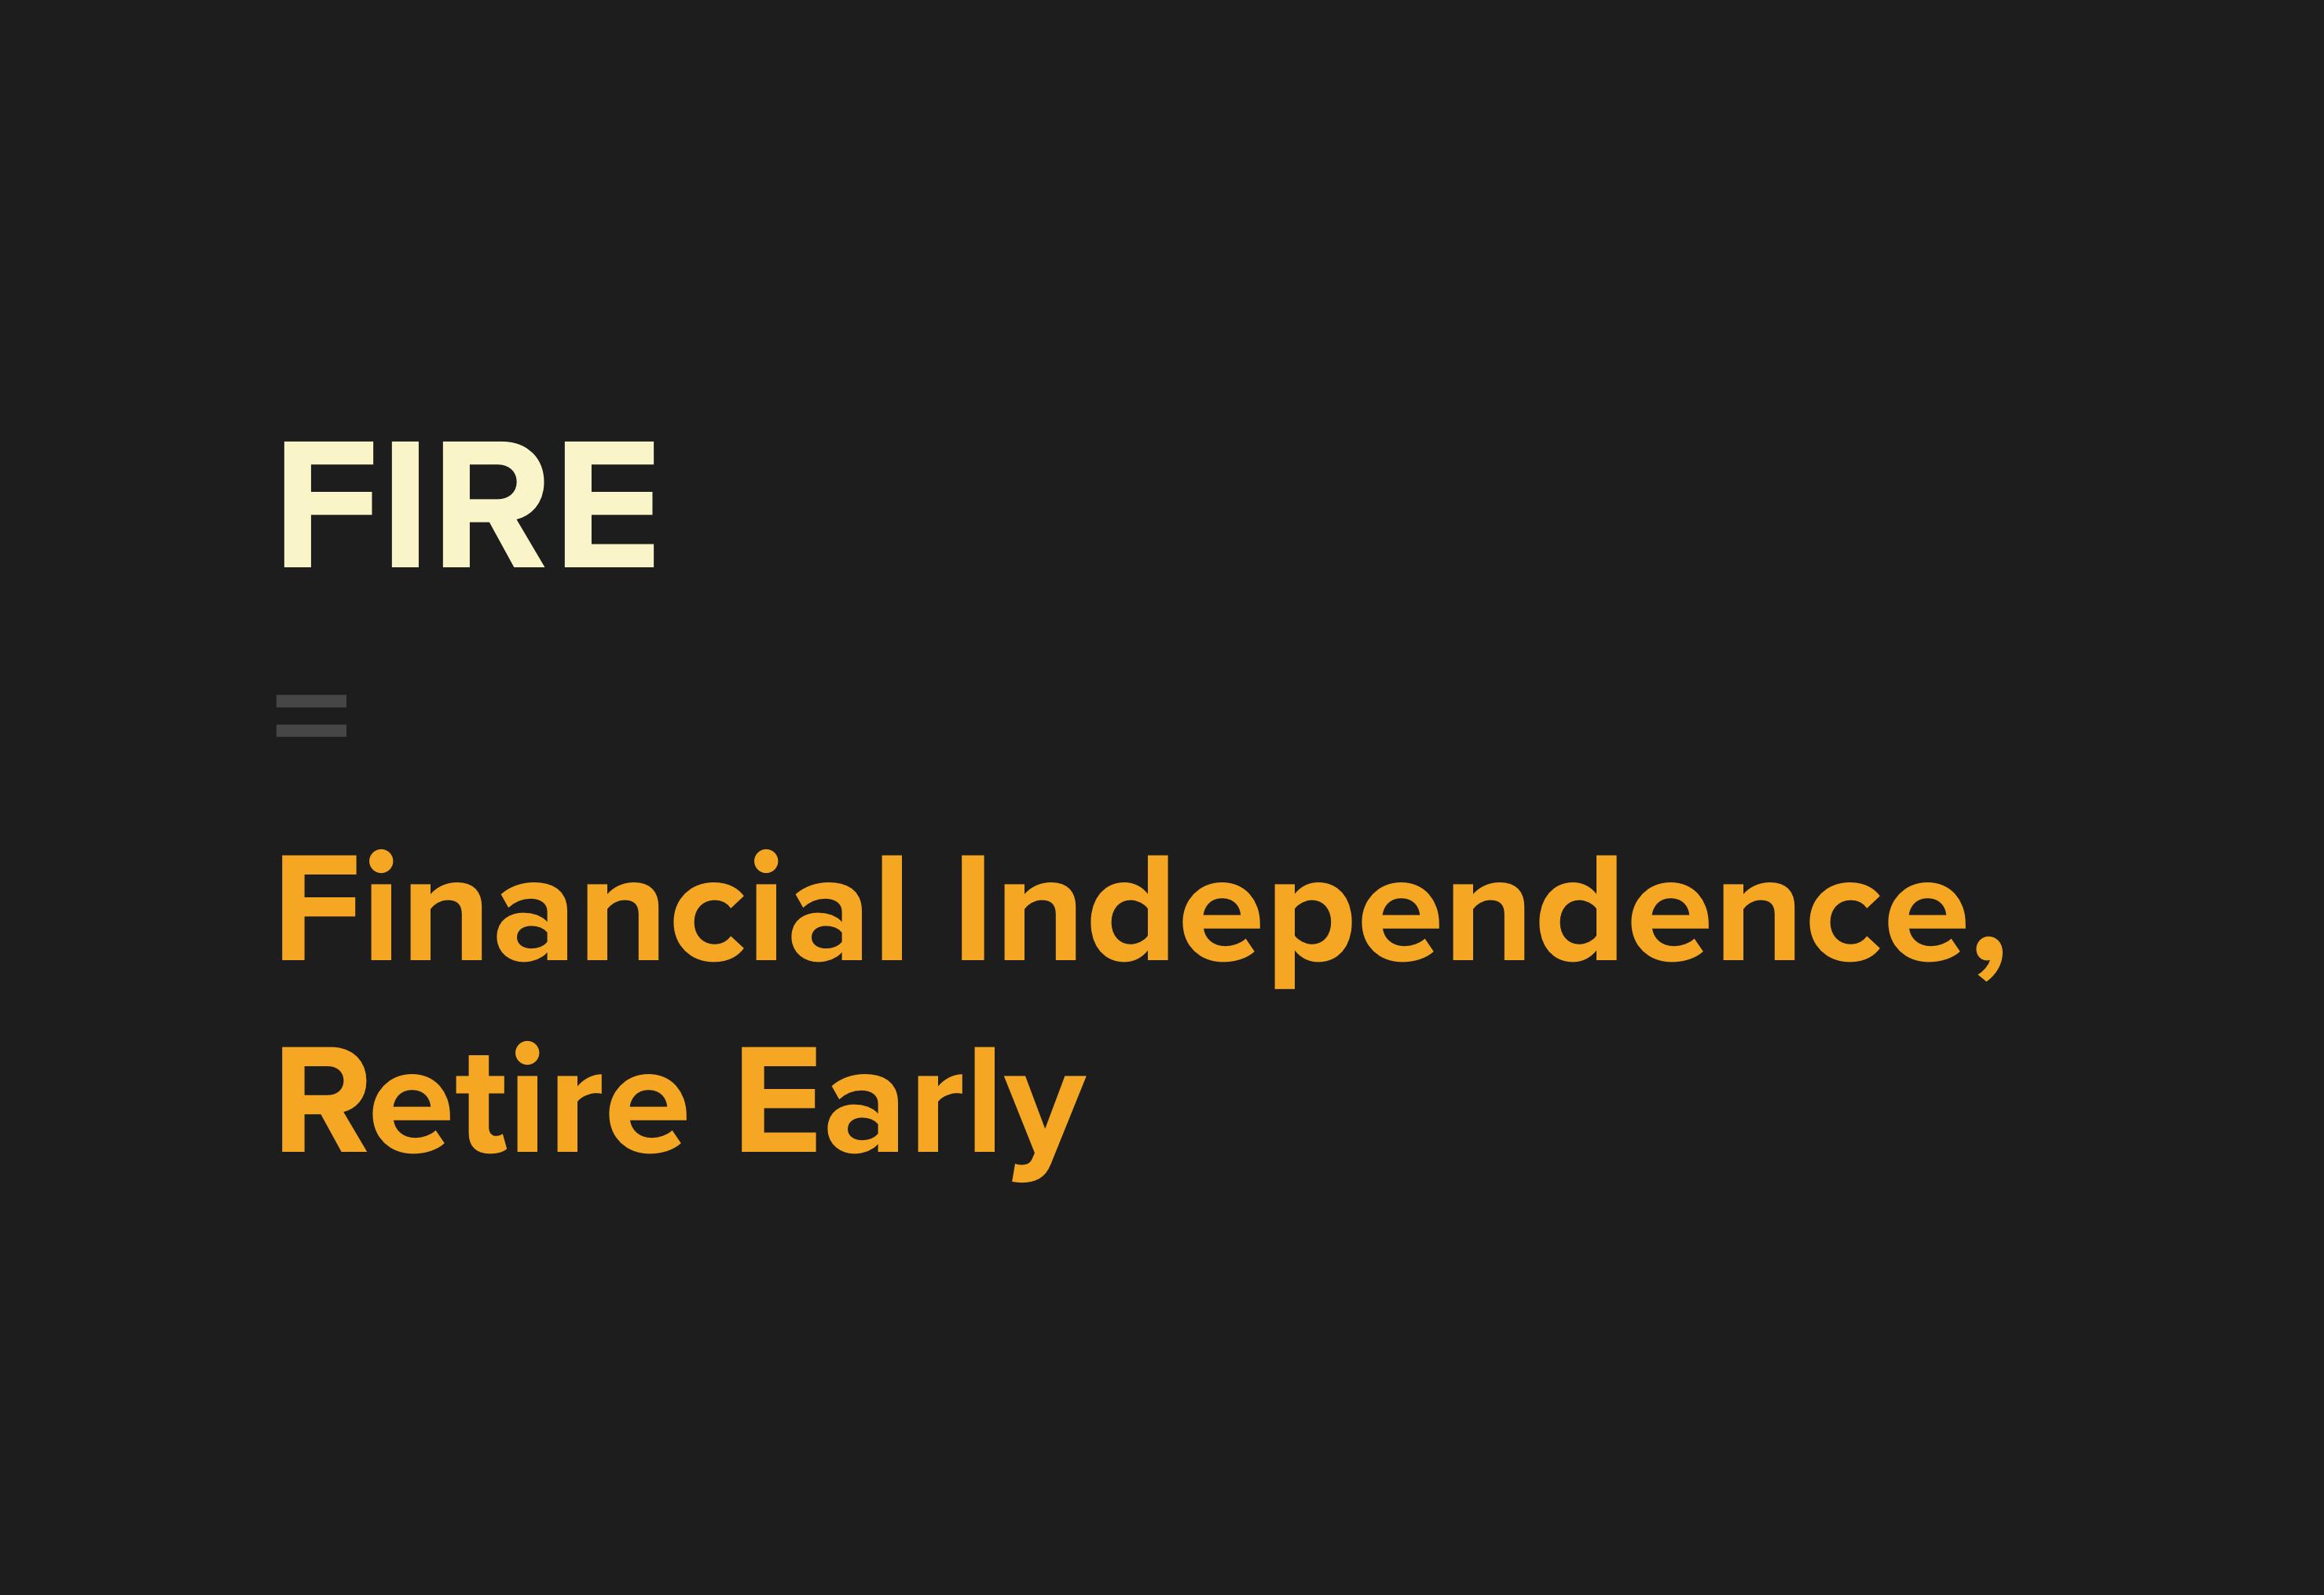 Vad innebär FIRE (ekonomisk frihet)?